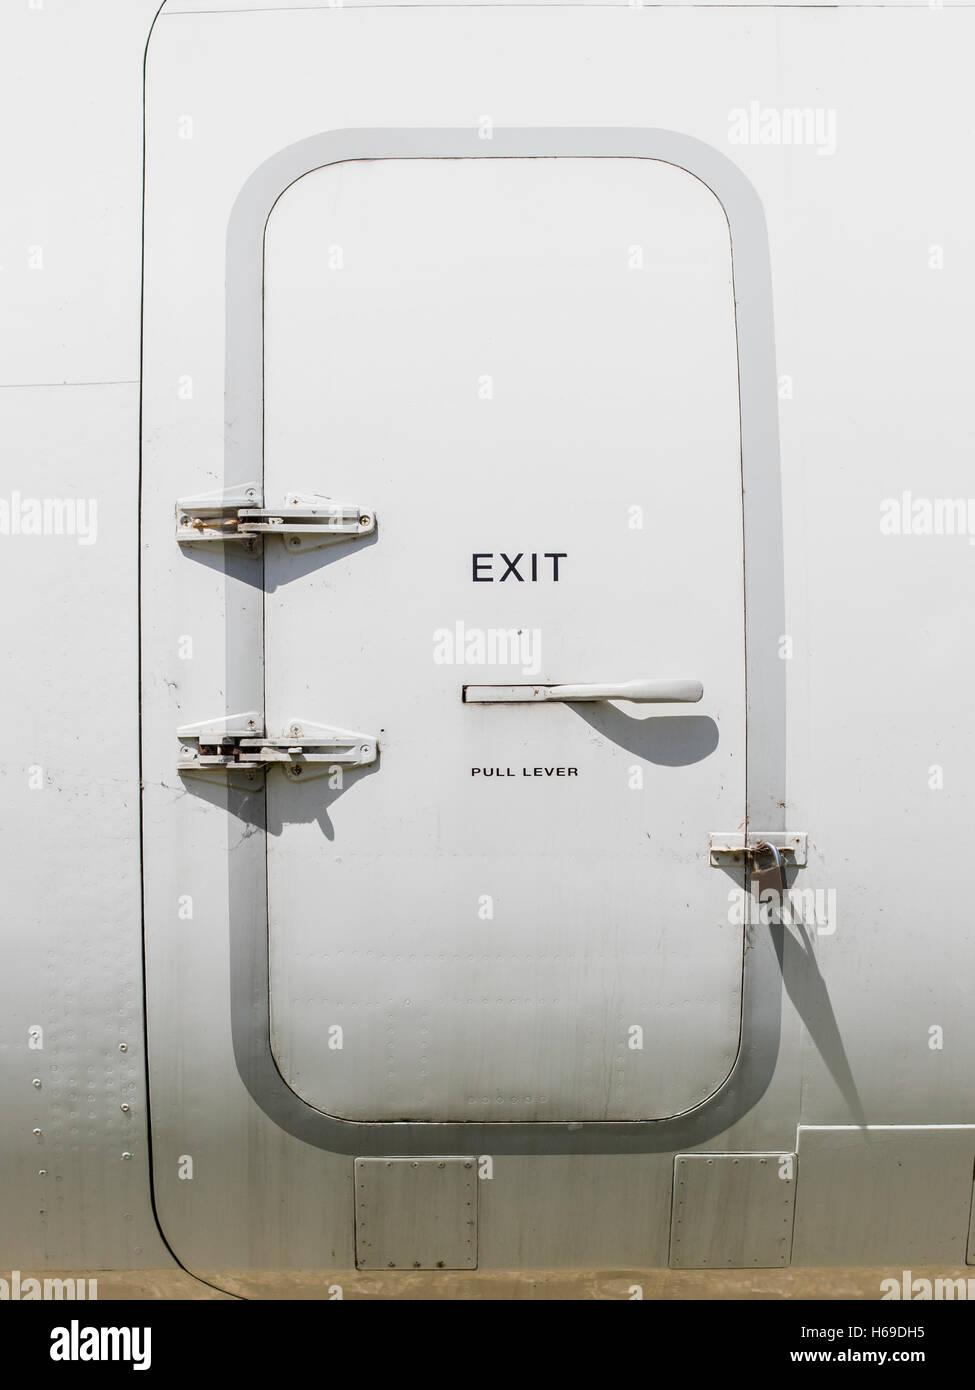 Airplane Door  Airbus A319 Plane Door